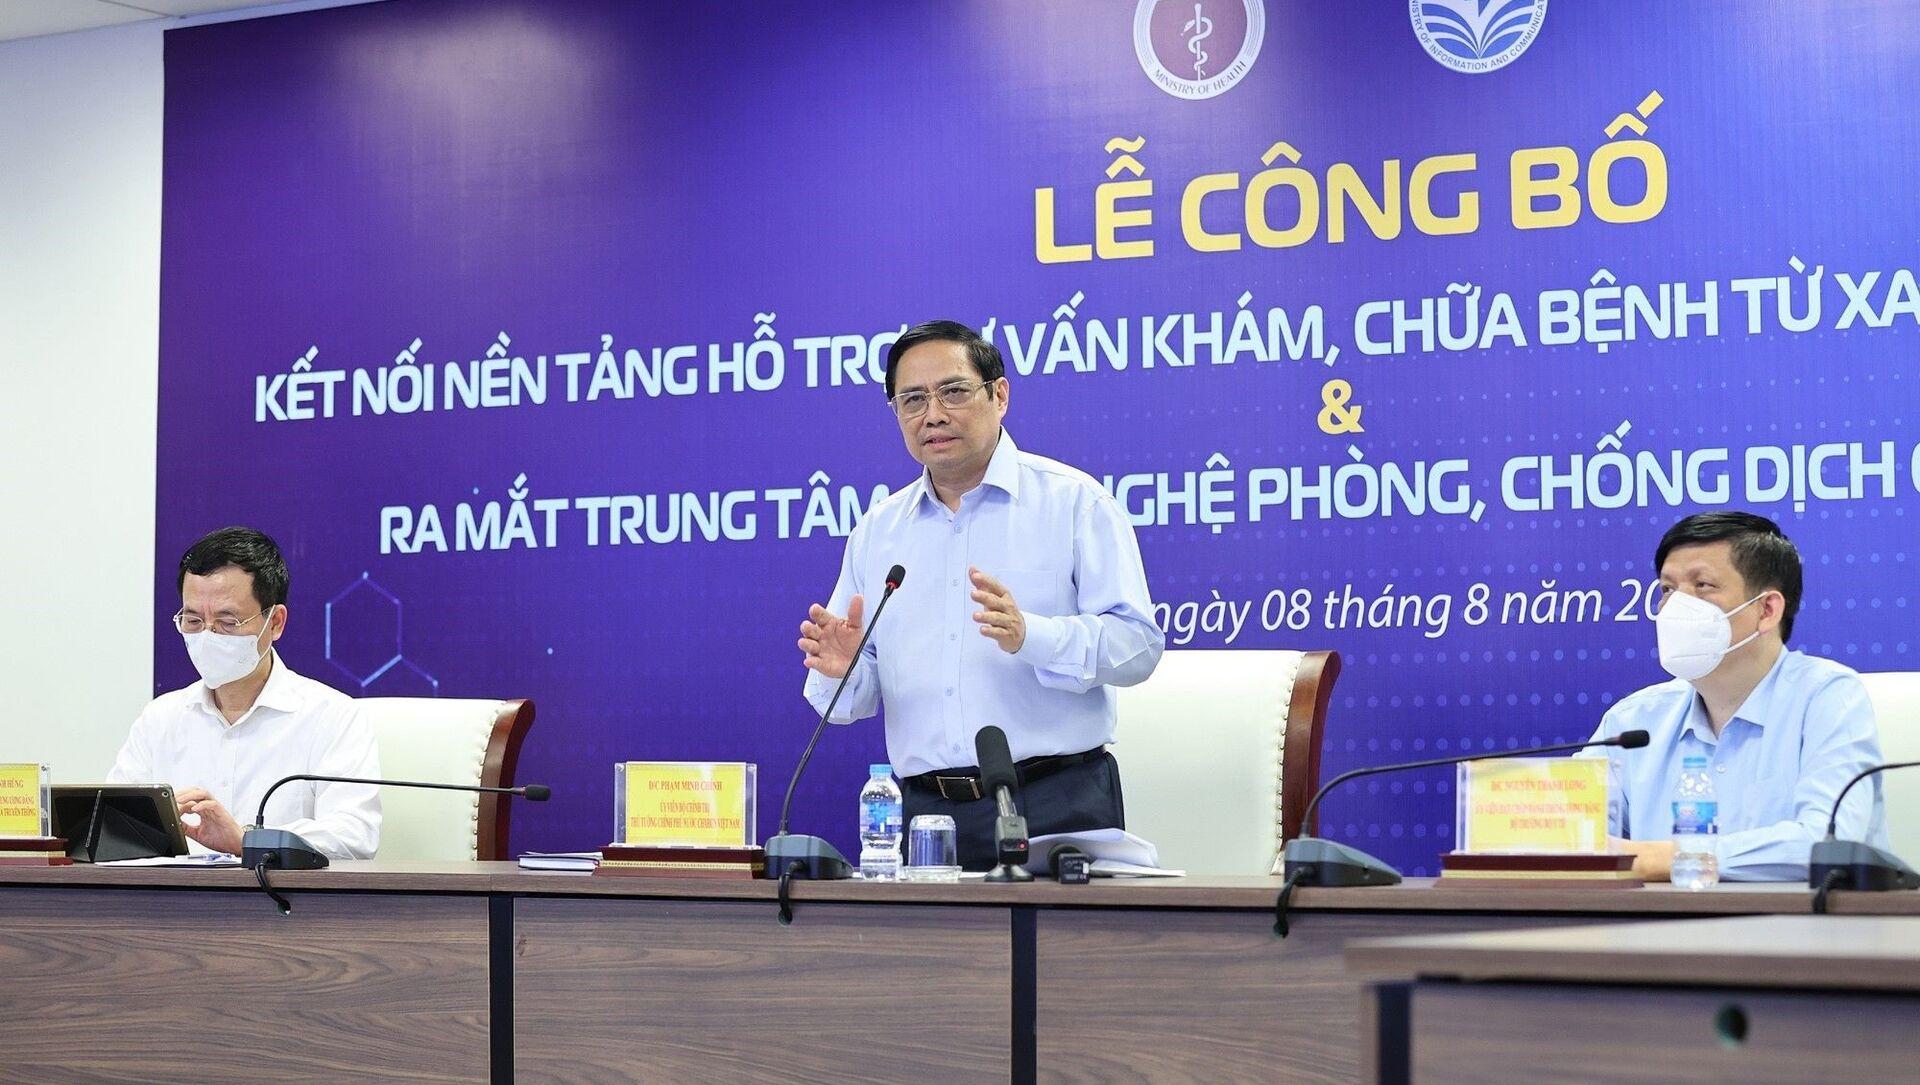 Thủ tướng Phạm Minh Chính dự lễ công bố Kết nối Nền tảng hỗ trợ tư vấn khám, chữa bệnh từ xa tới 100% tuyến huyện - Sputnik Việt Nam, 1920, 09.08.2021